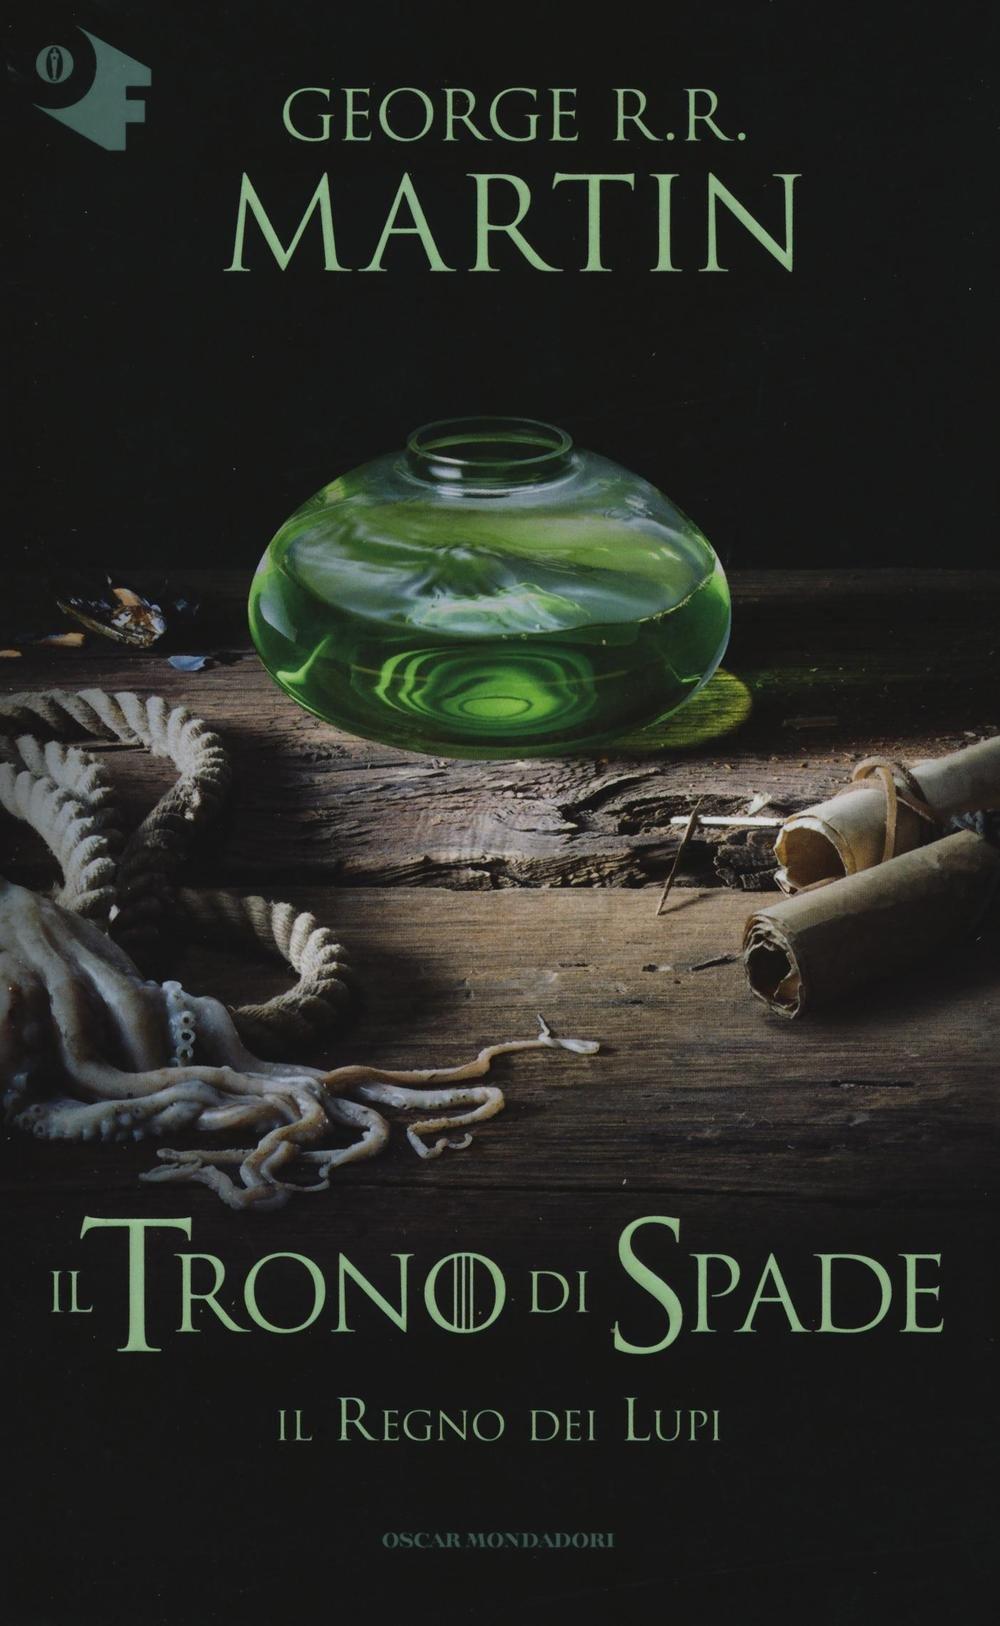 Il trono di spade: 3 (Inglese) Copertina flessibile – 22 mar 2016 George R. R. Martin S. Altieri Mondadori 8804662115